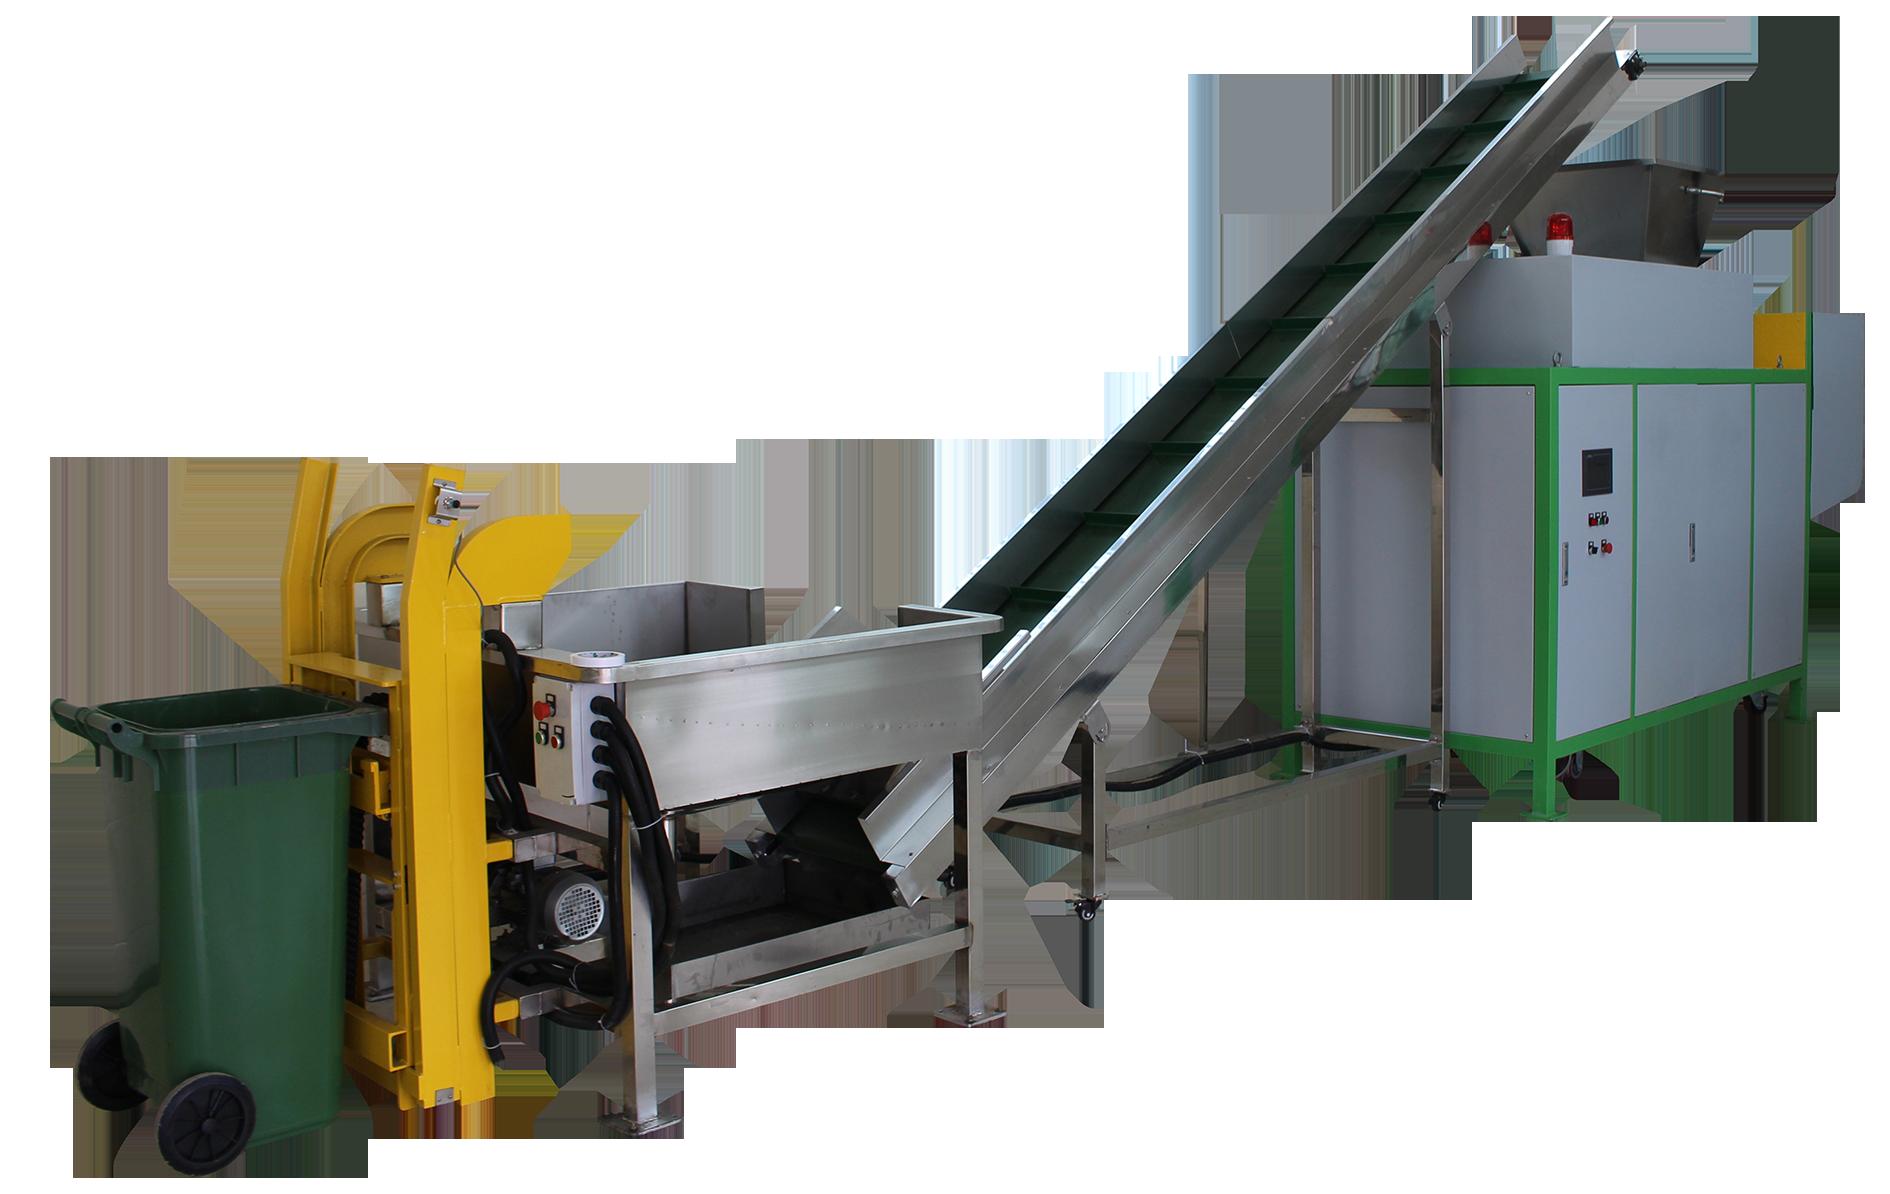 餐廚垃圾預處理機GBL-Y-800適用于餐廚垃圾生化處理前的預處理